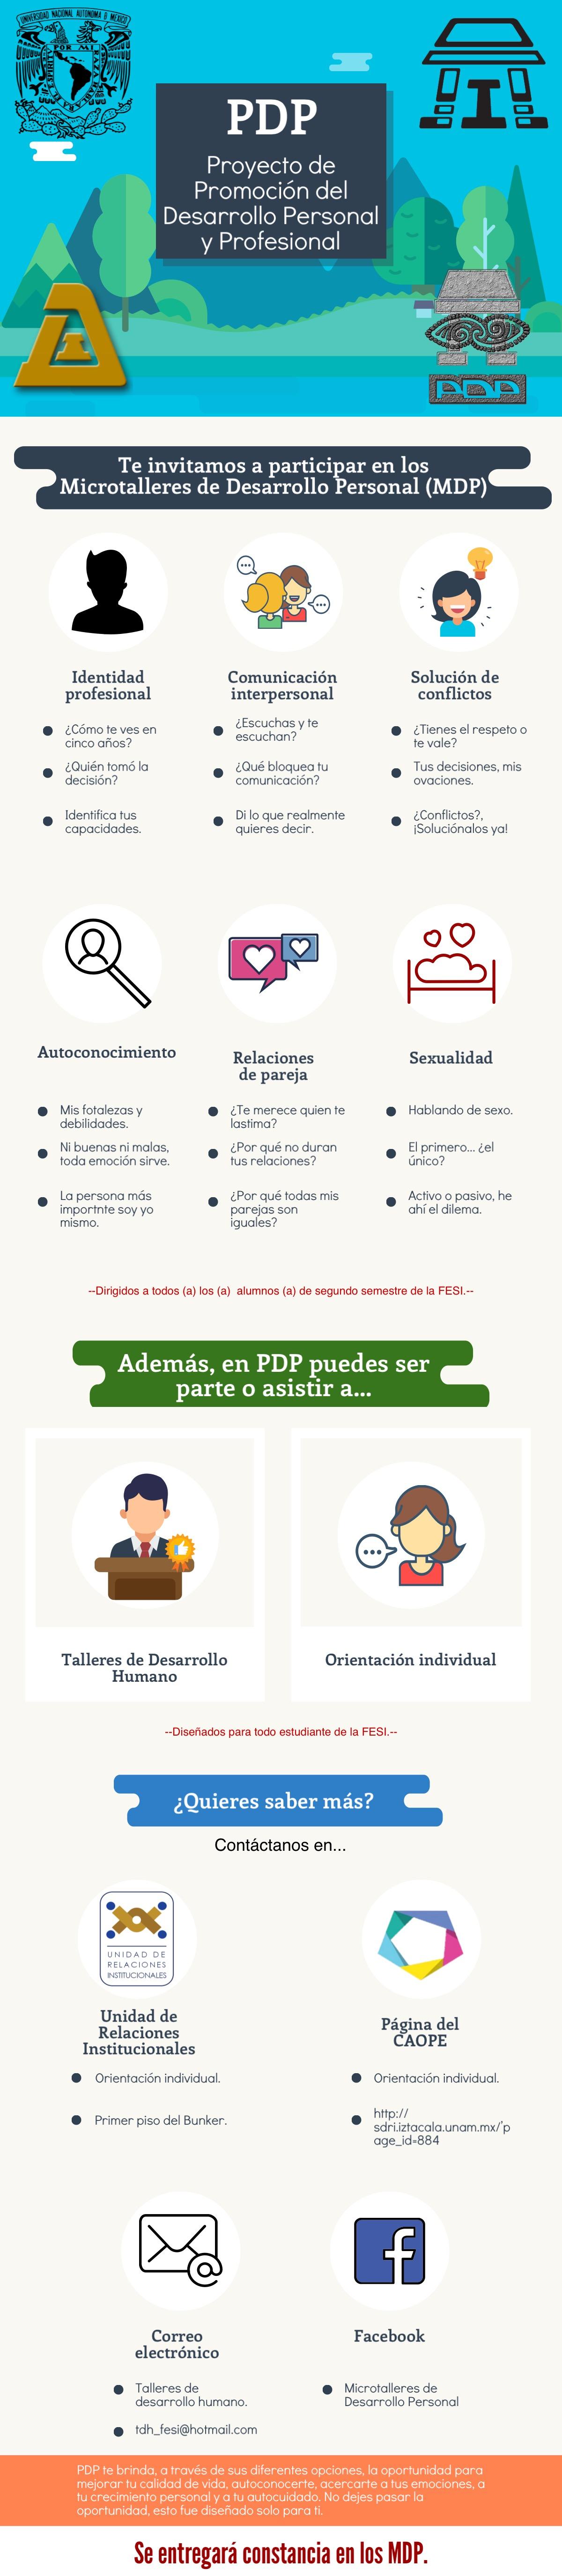 Proyecto de Promoción del Desarrollo Personal y Profesional (PDP)